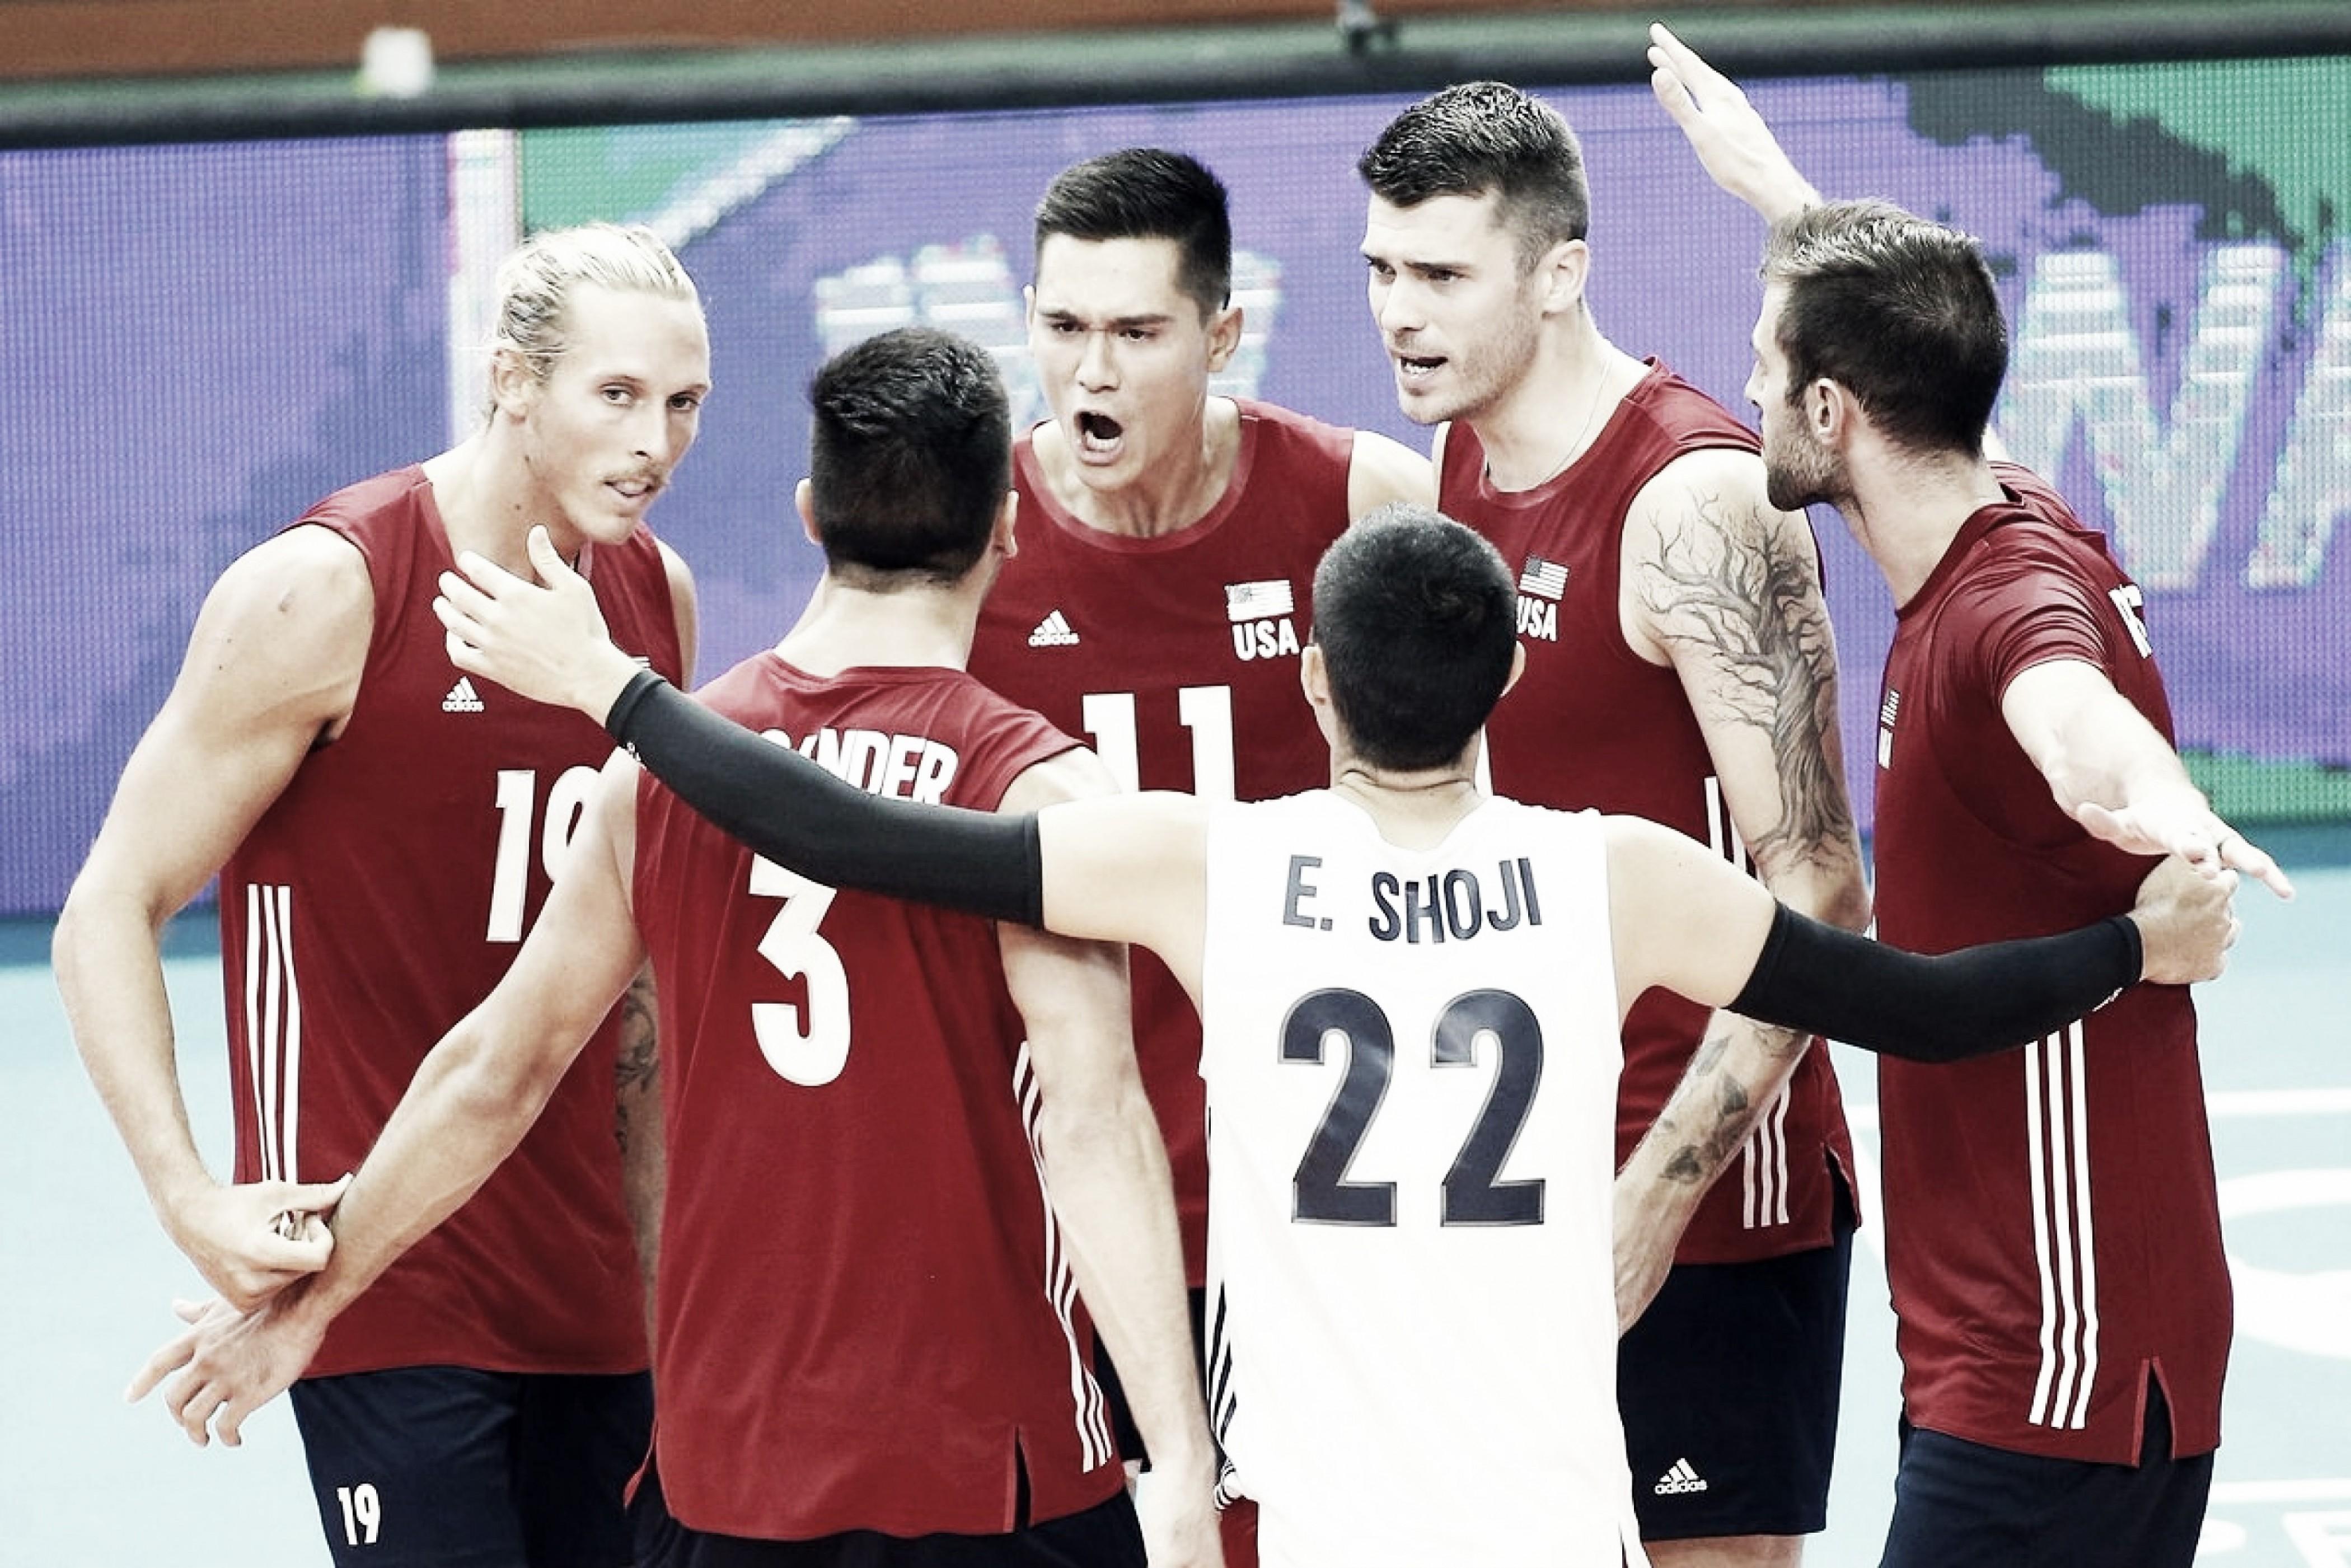 Estados Unidos vence Sérvia de virada e estreia com vitória no Mundial masculino de vôlei